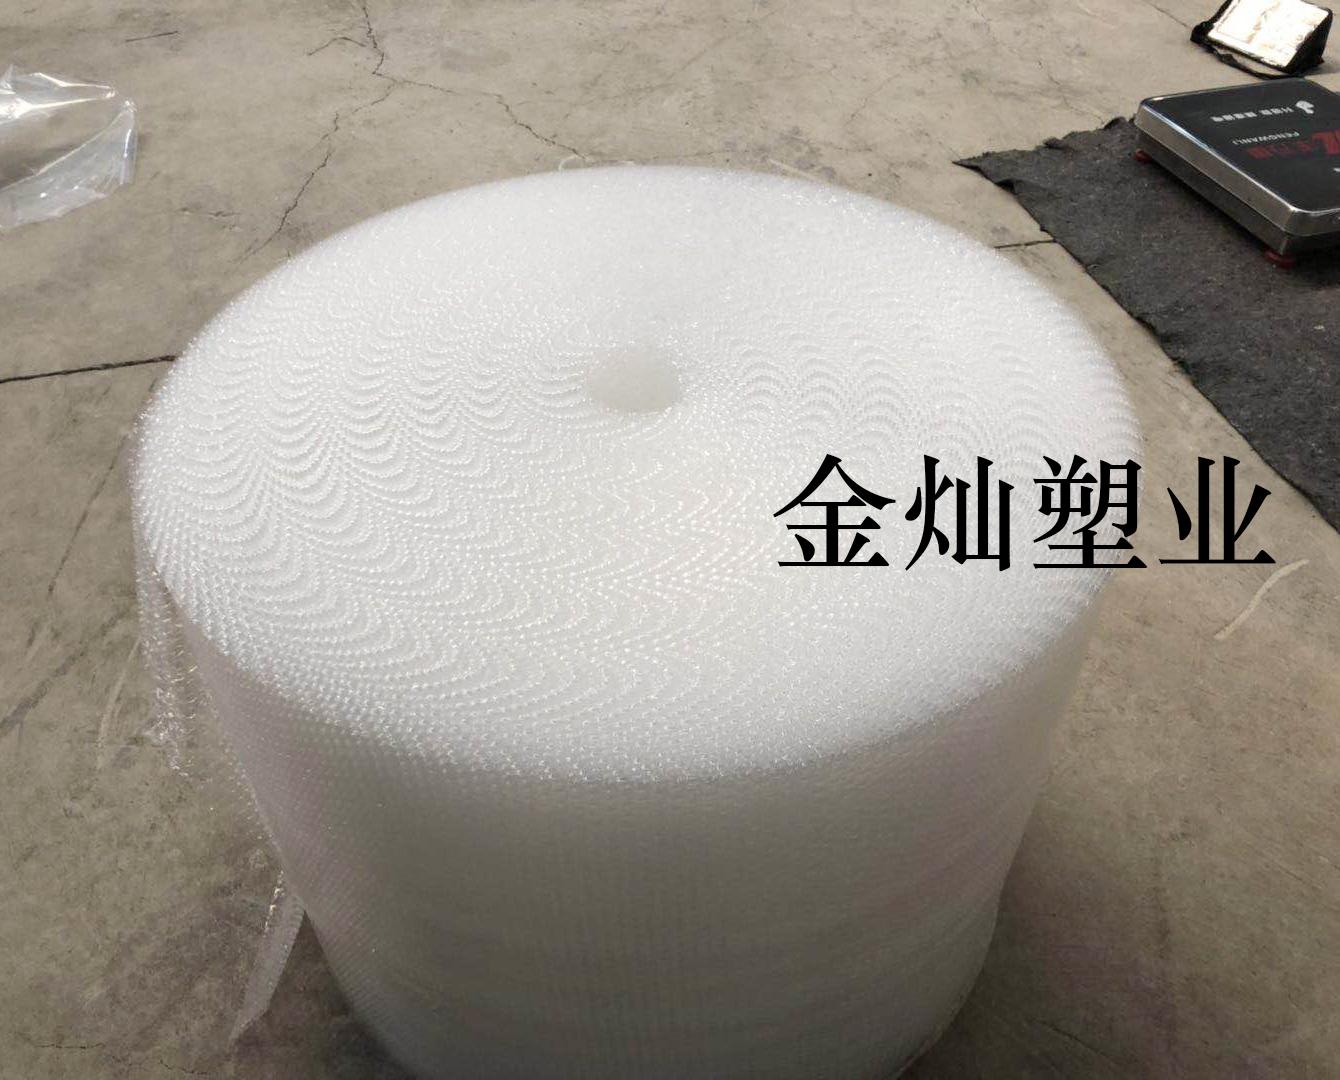 江苏双层气泡膜销售厂家 和谐共赢 金灿塑业供应